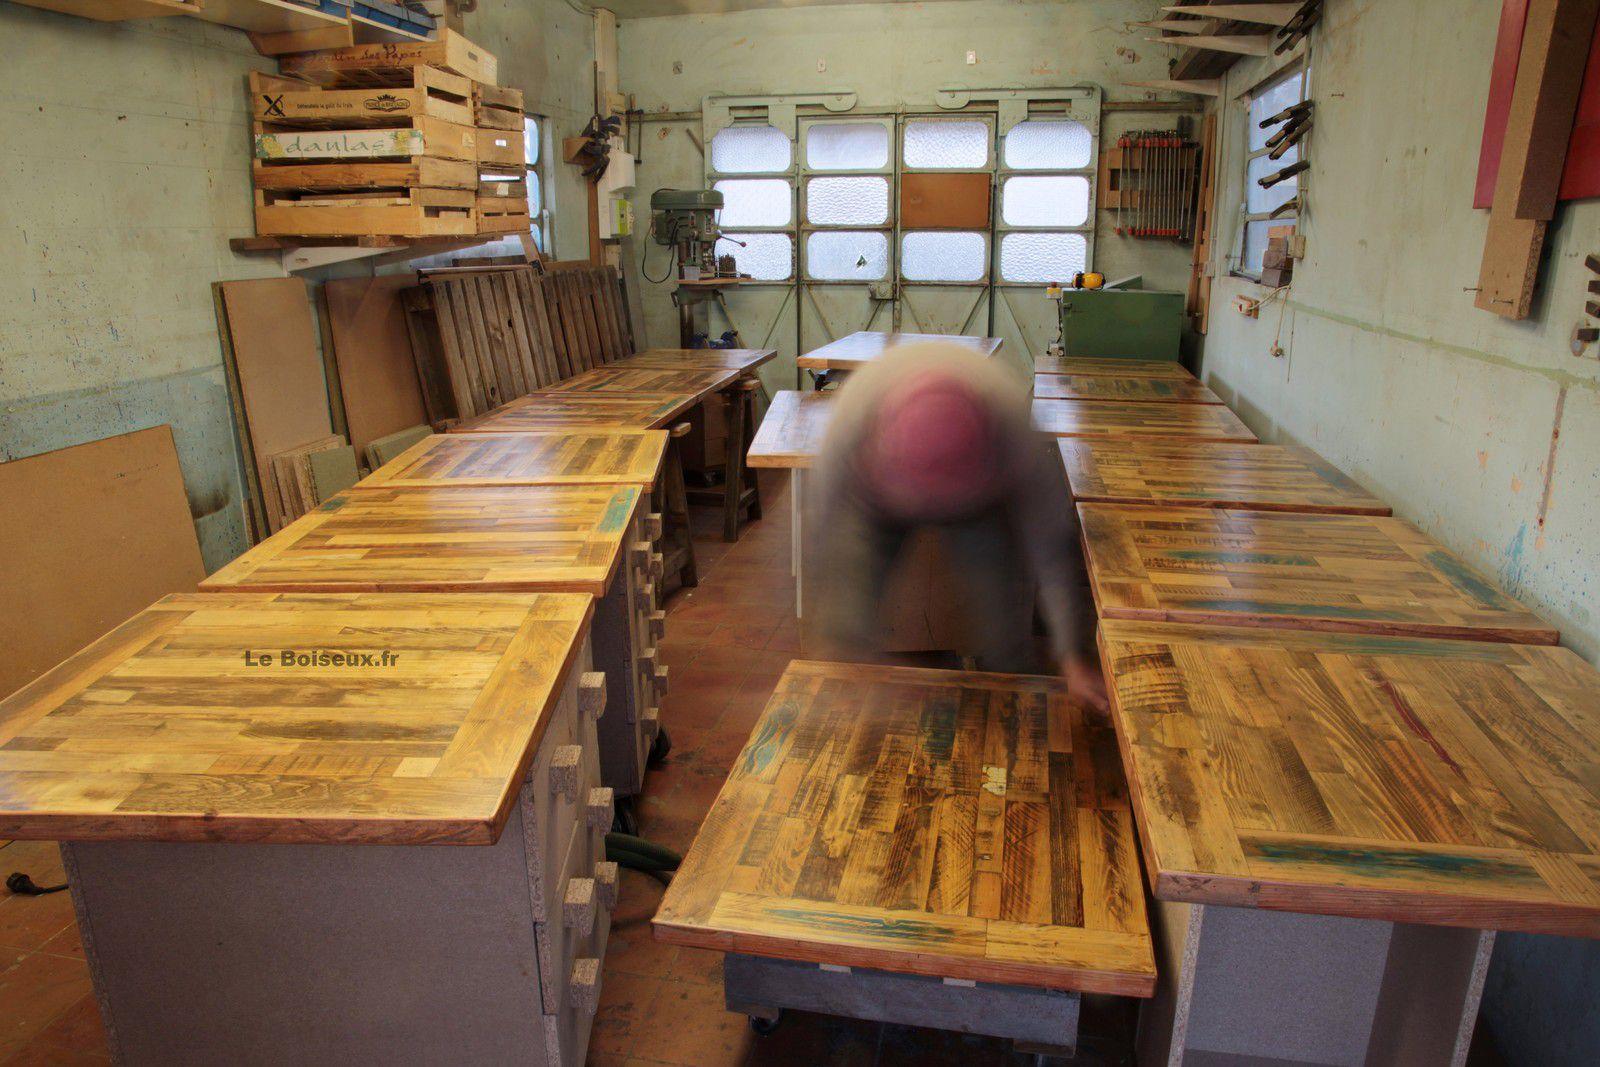 Ici, commandez des plateaux personnalisables pour que vos tables et bureaux reflètent l'identité de votre établissement et contribuent à la cohérence décorative de vos locaux.